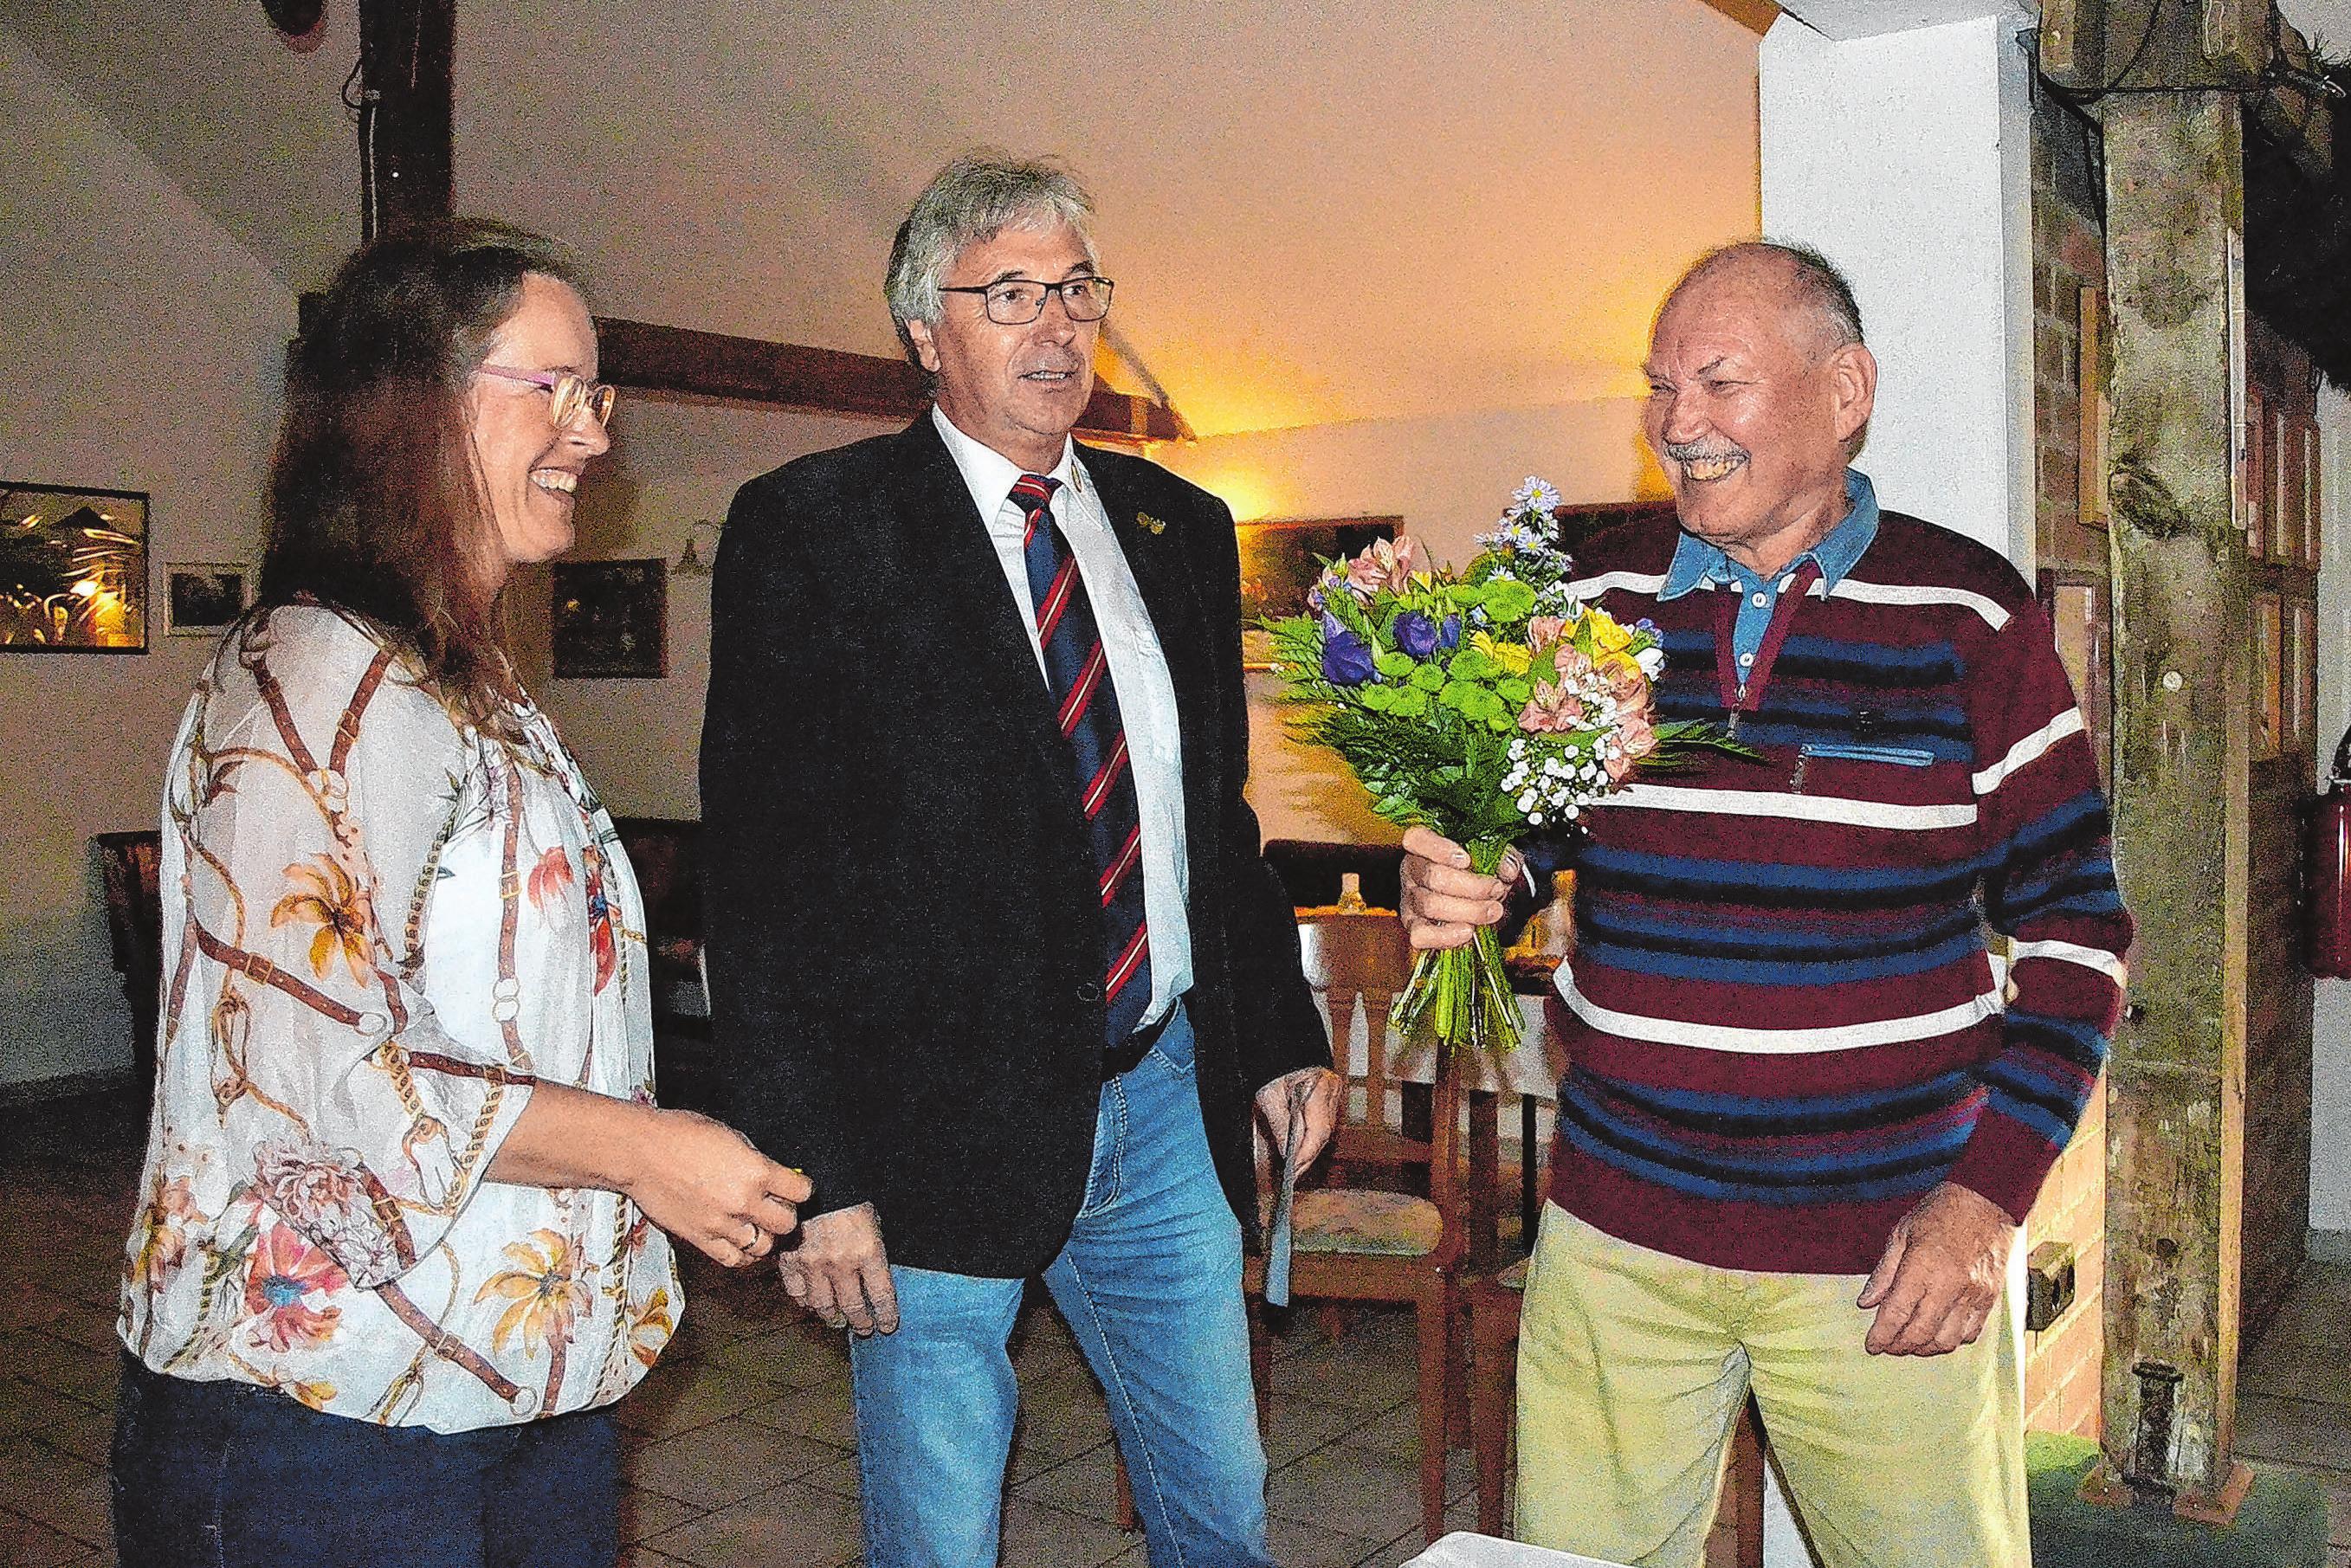 Geburtstagskind: Die Glückwünsche gehen an Altmeister Ulrich Ehling (r.) zu seinem 77. Geburtstag.